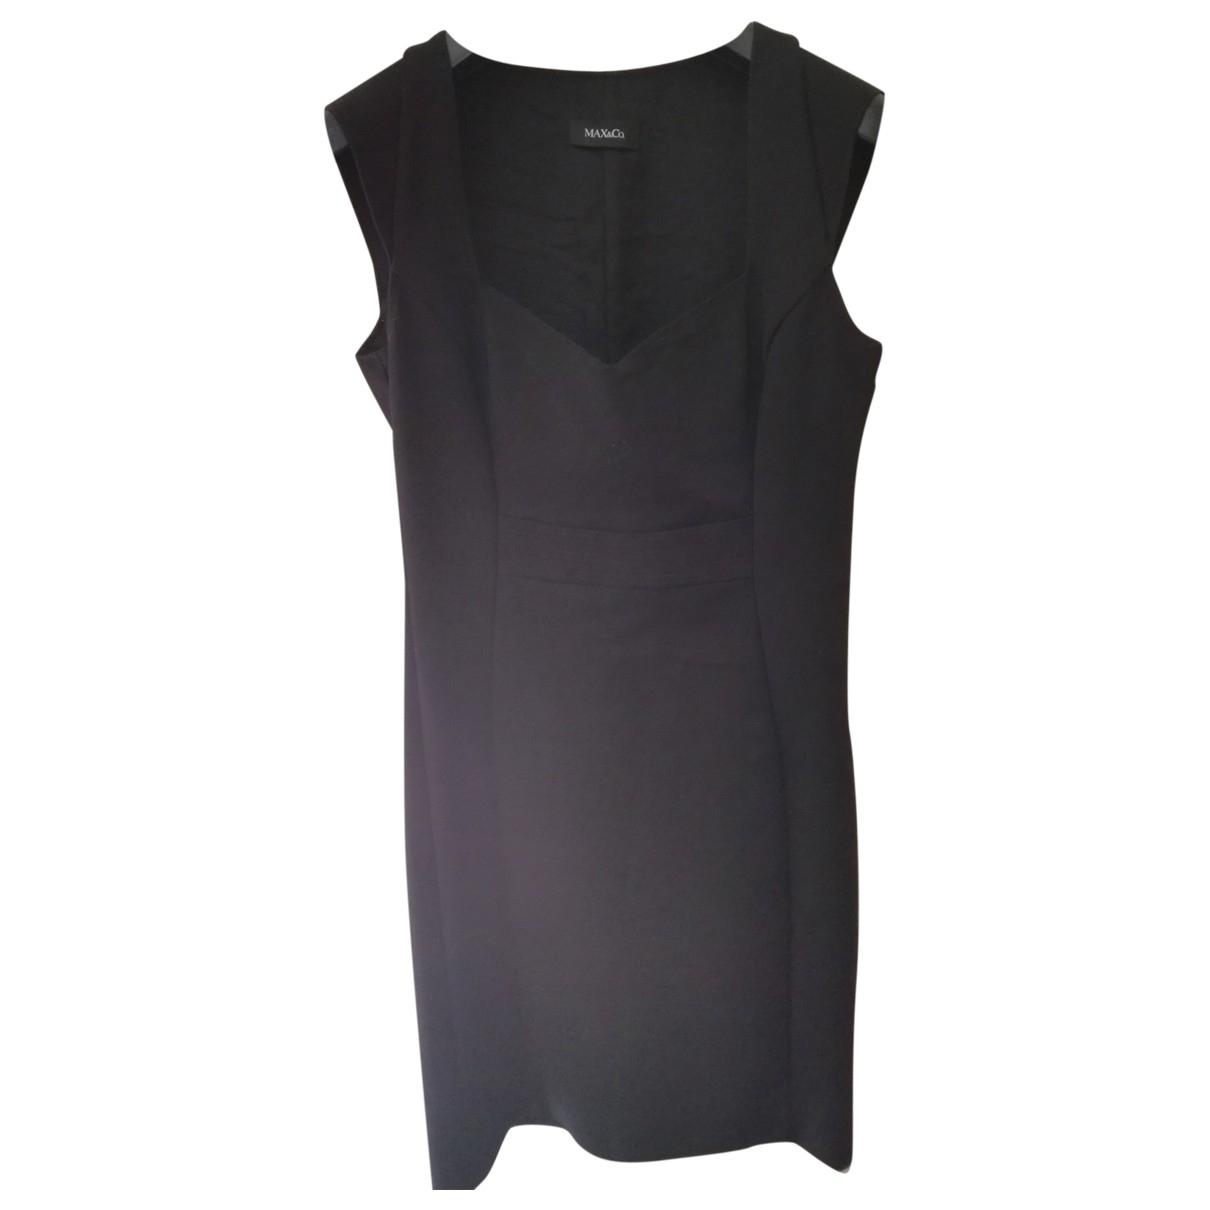 Max & Co \N Black dress for Women 38 IT